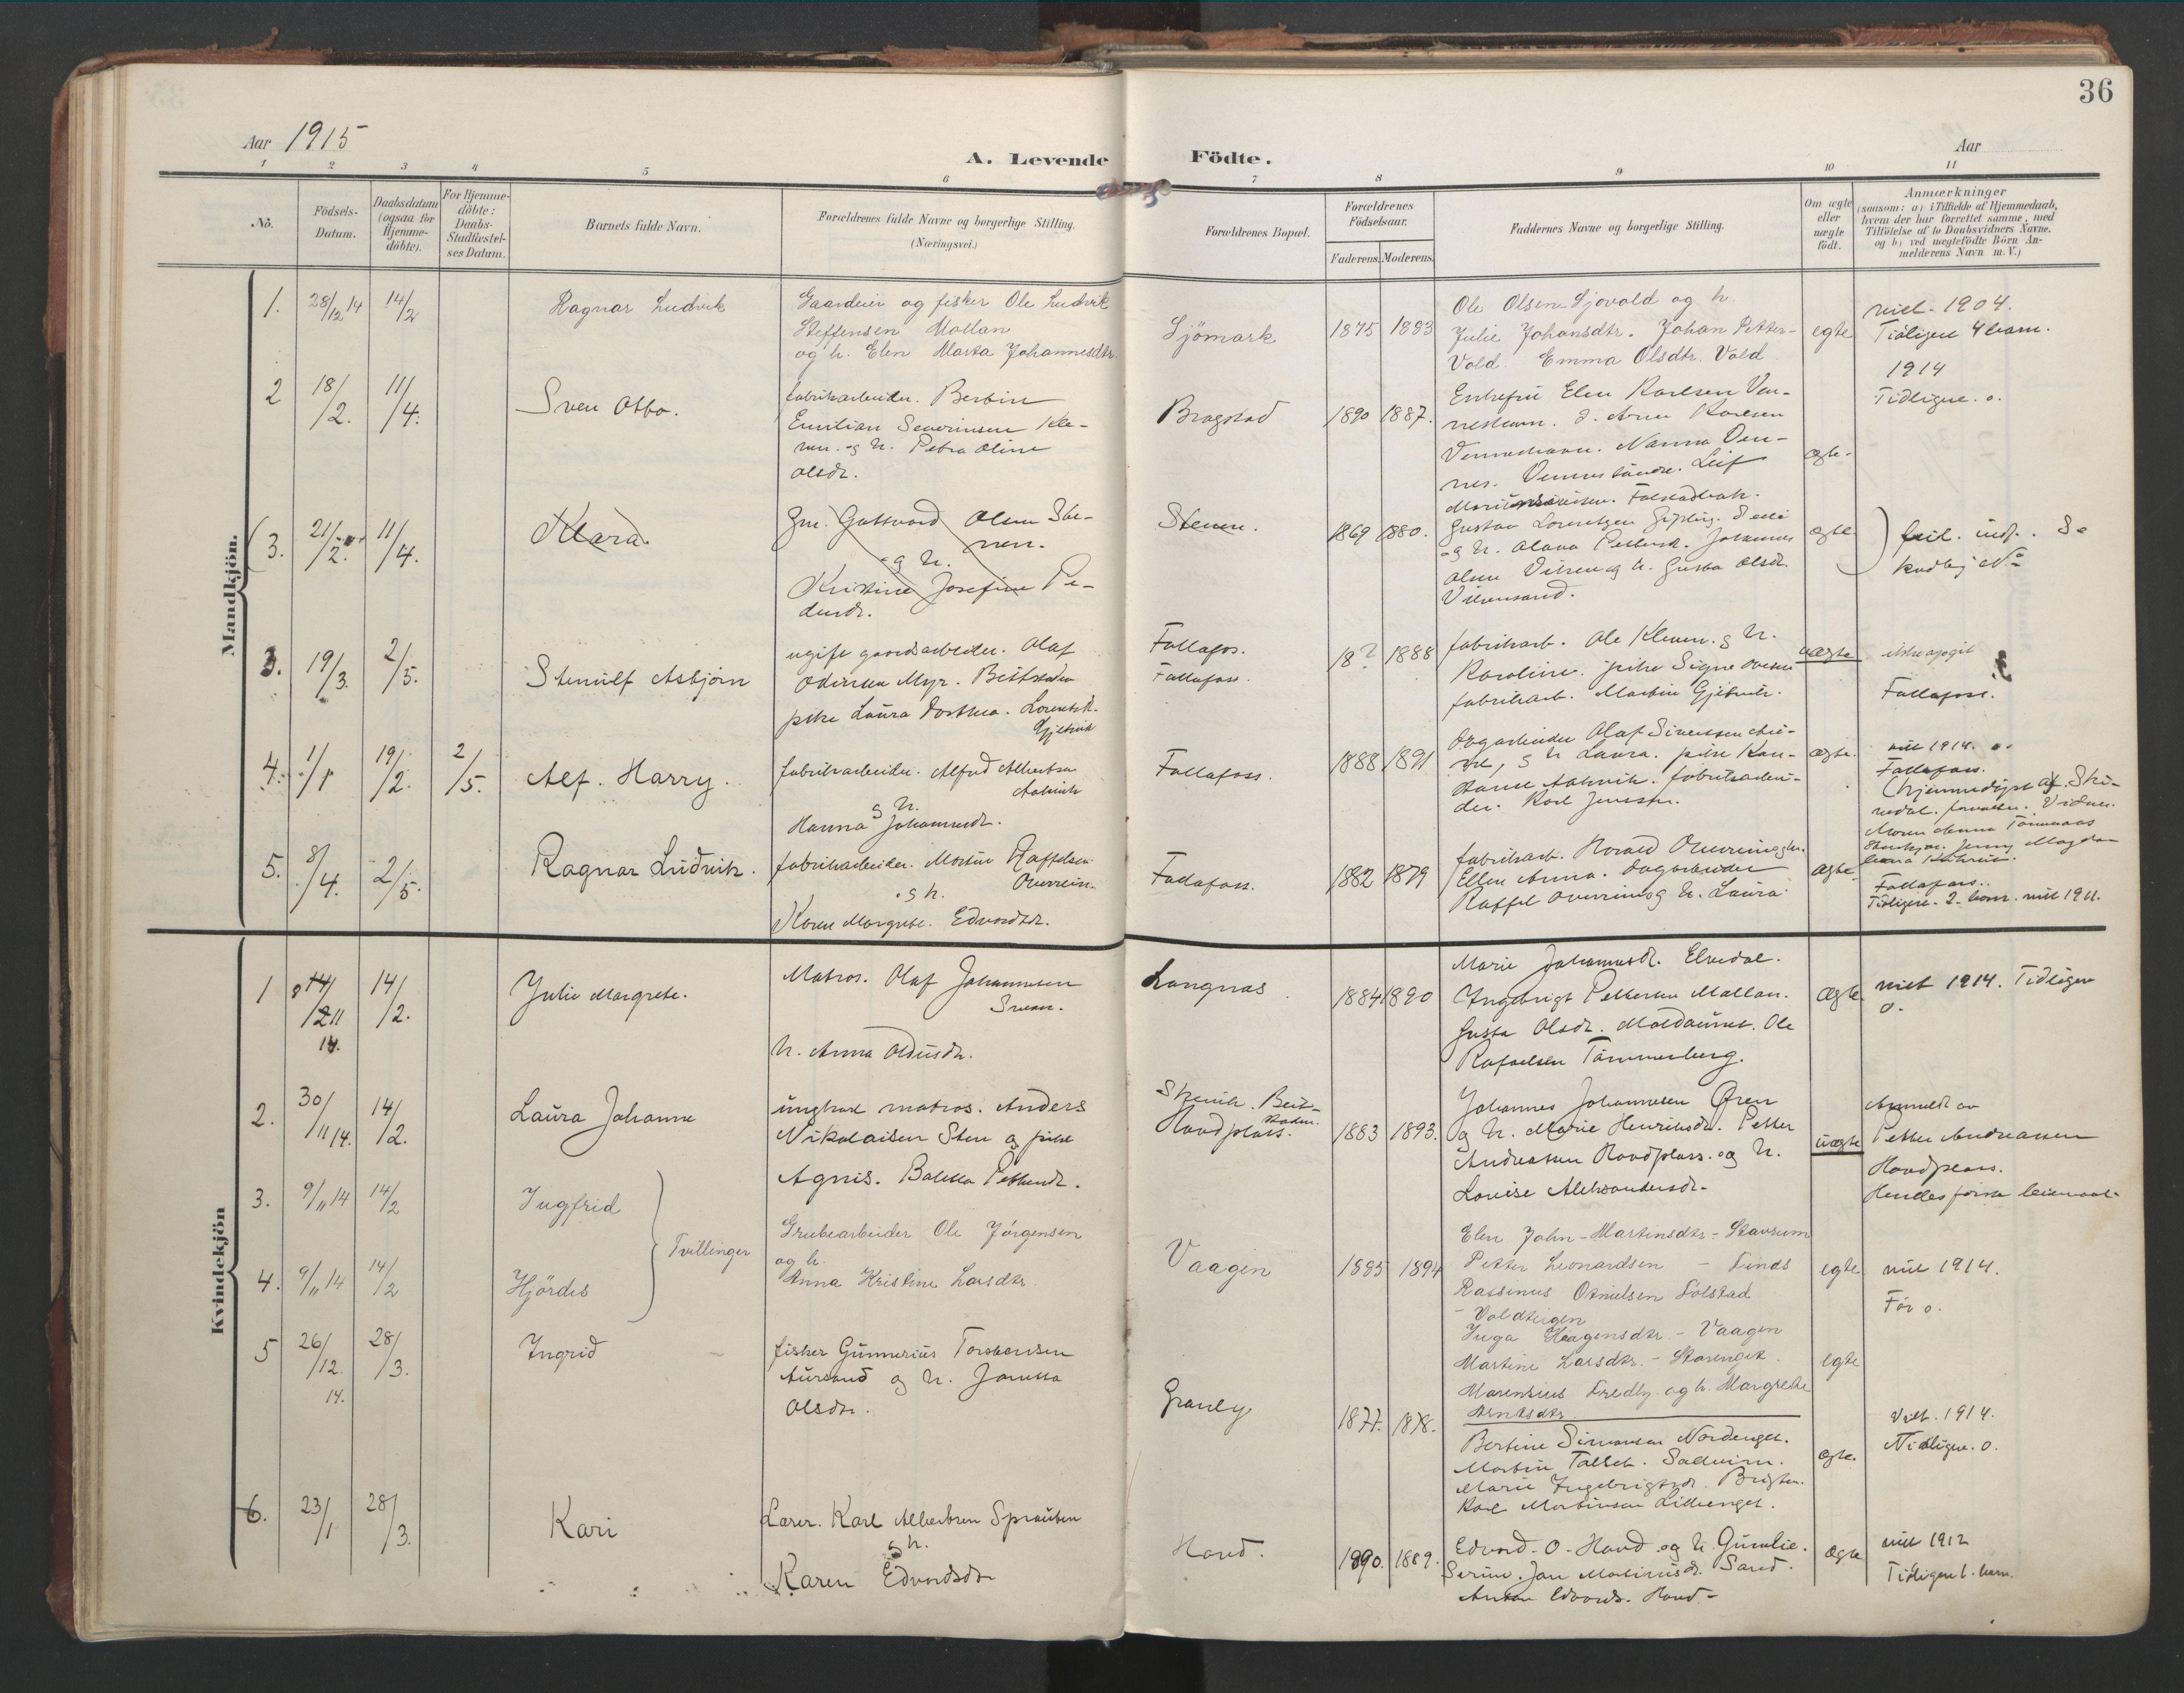 SAT, Ministerialprotokoller, klokkerbøker og fødselsregistre - Nord-Trøndelag, 744/L0421: Ministerialbok nr. 744A05, 1905-1930, s. 36